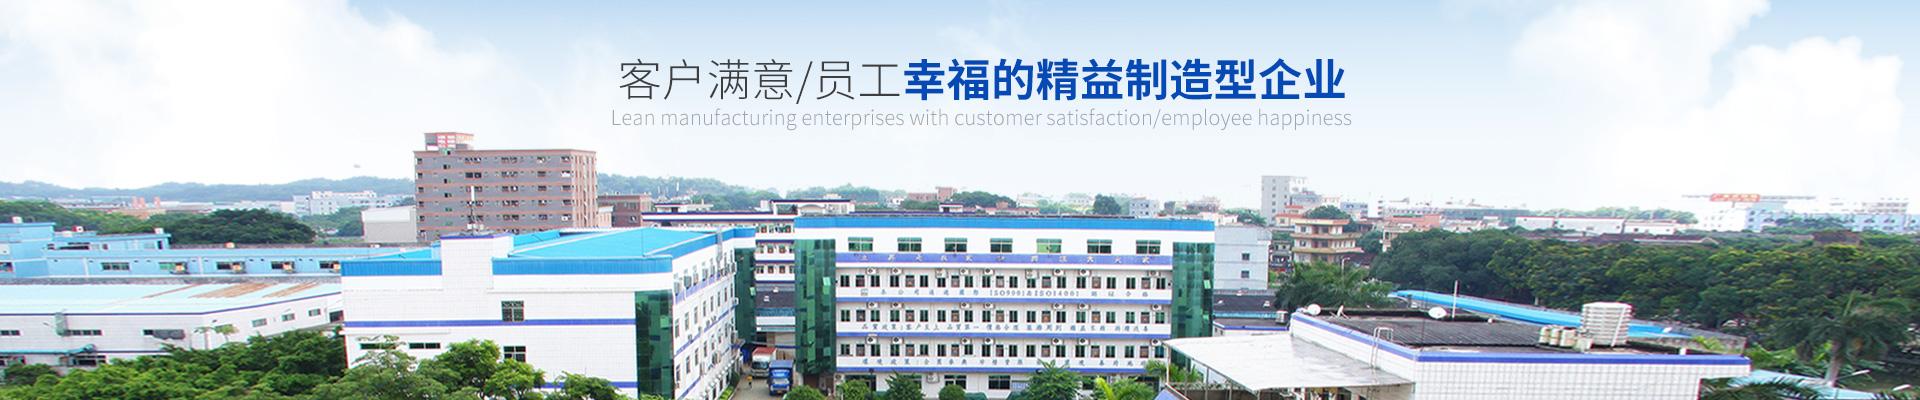 立新塑胶-客户满意、员工幸福的精益制造型企业